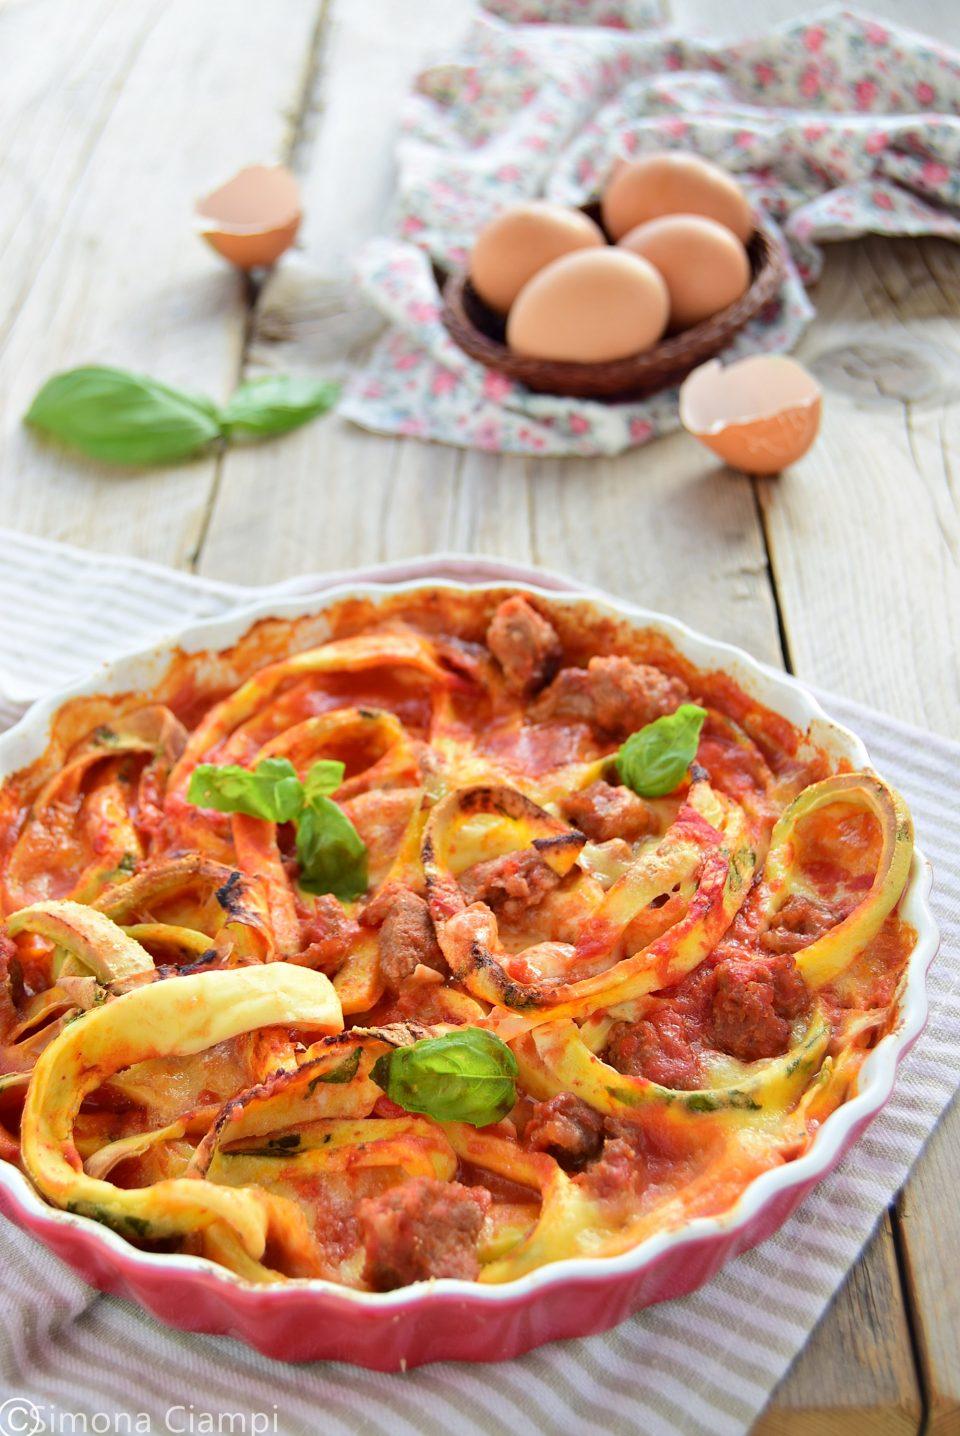 Ricetta uova in trippa pasticciate con salsiccia e mozzarella